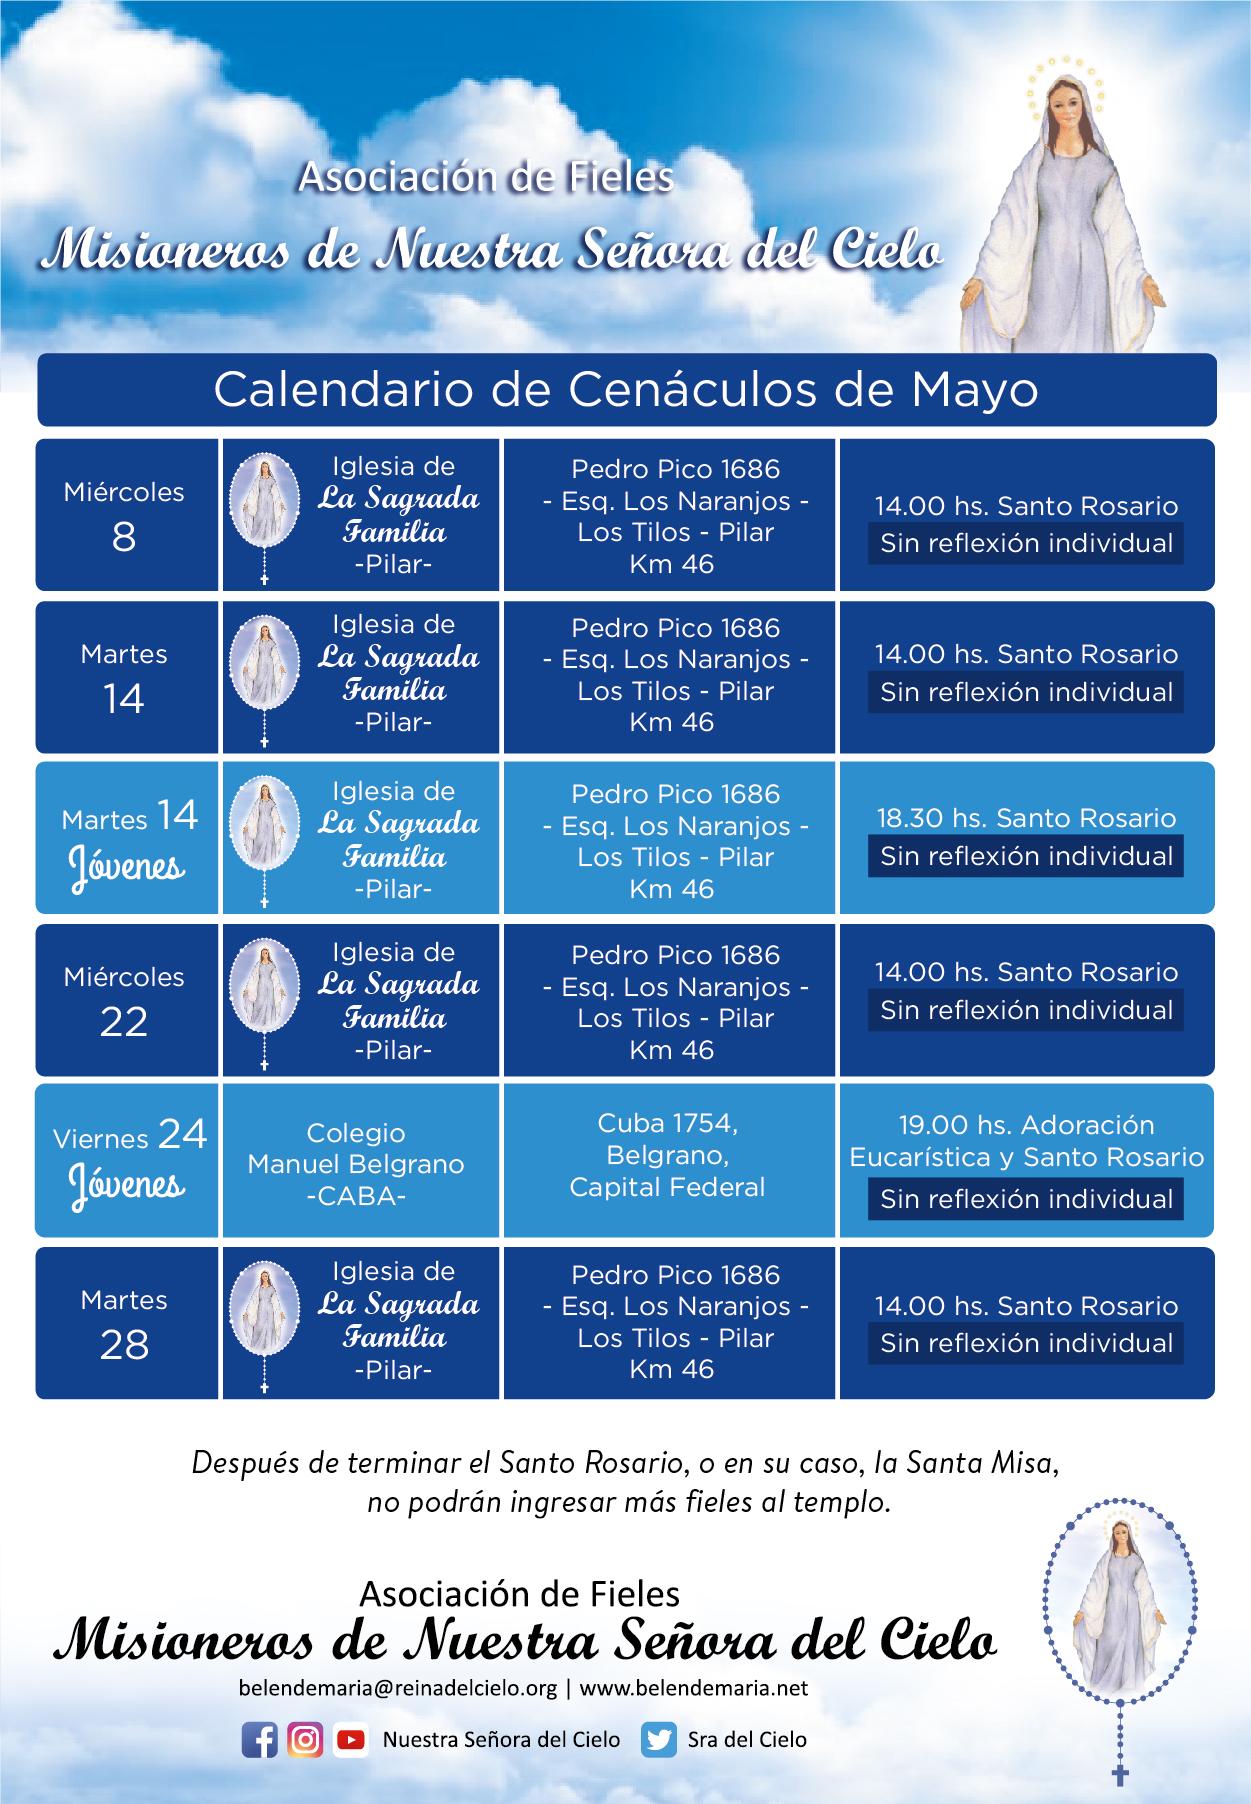 Cenáculos de Mayo sin reflexión